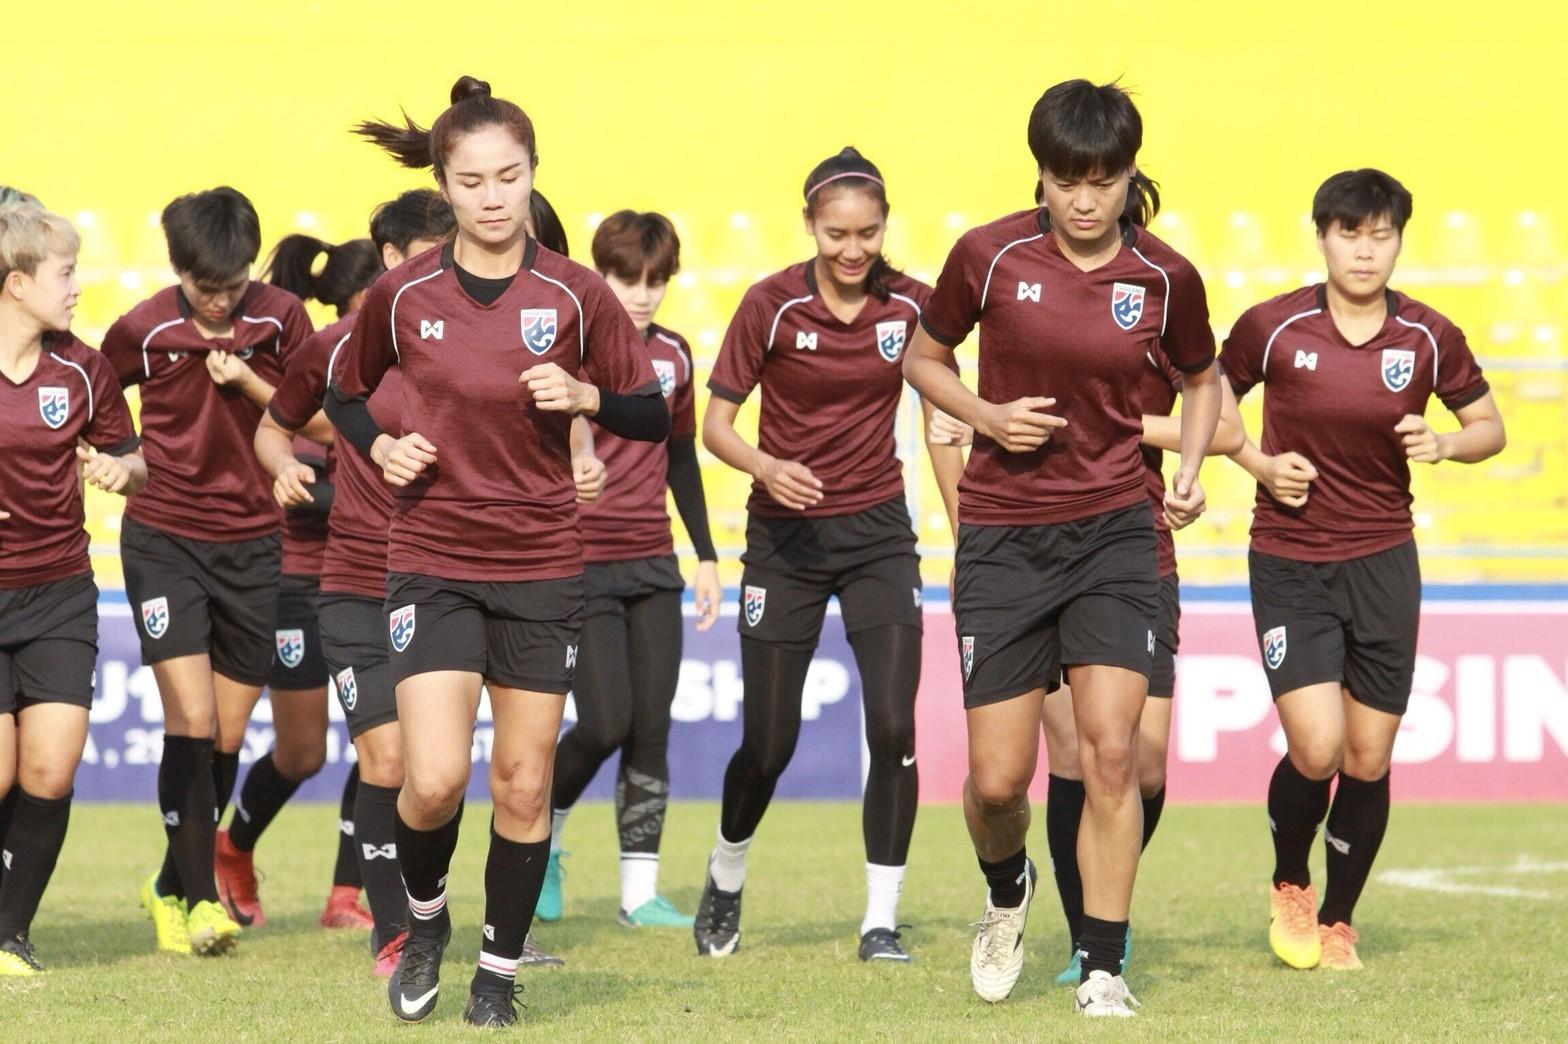 ชบาแก้ว ฟุตบอลหญิงชิงแชมป์โลก 2019 ฟุตบอลหญิงทีมชาติฝรั่งเศส ฟุตบอลหญิงทีมชาติไทย